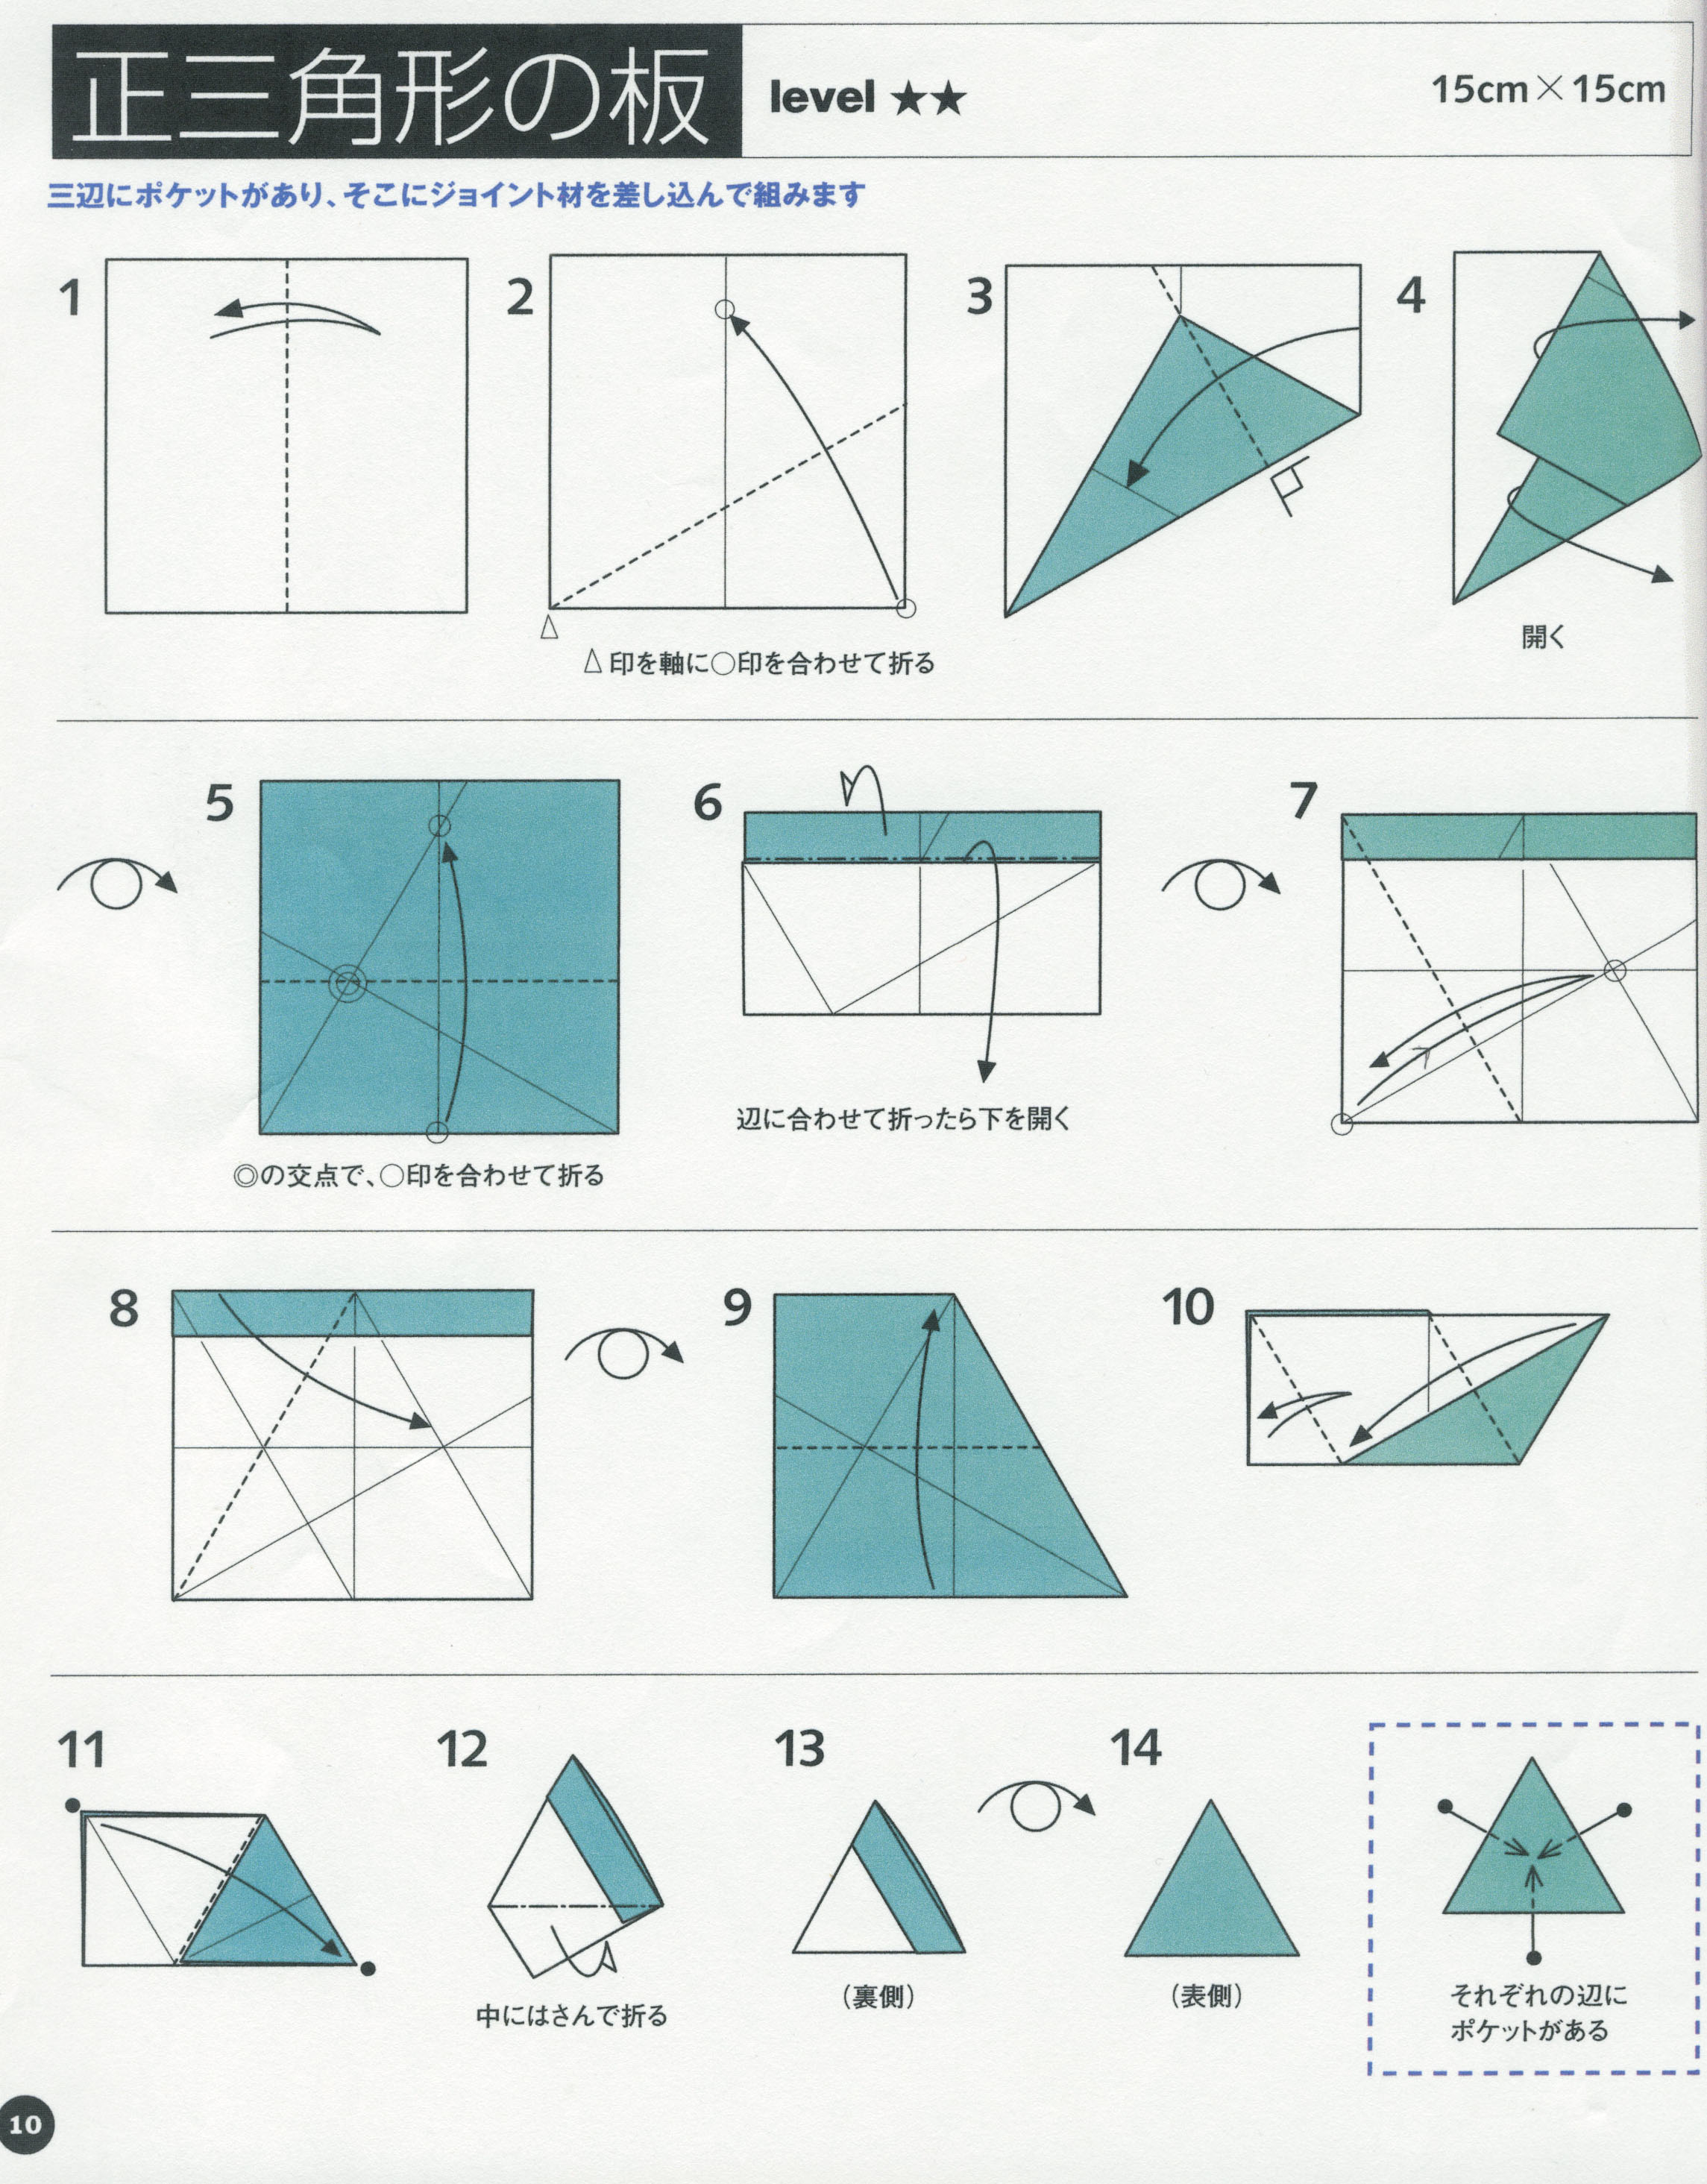 すべての折り紙 ユニット折り紙多面体折り方 : Origami Kanji